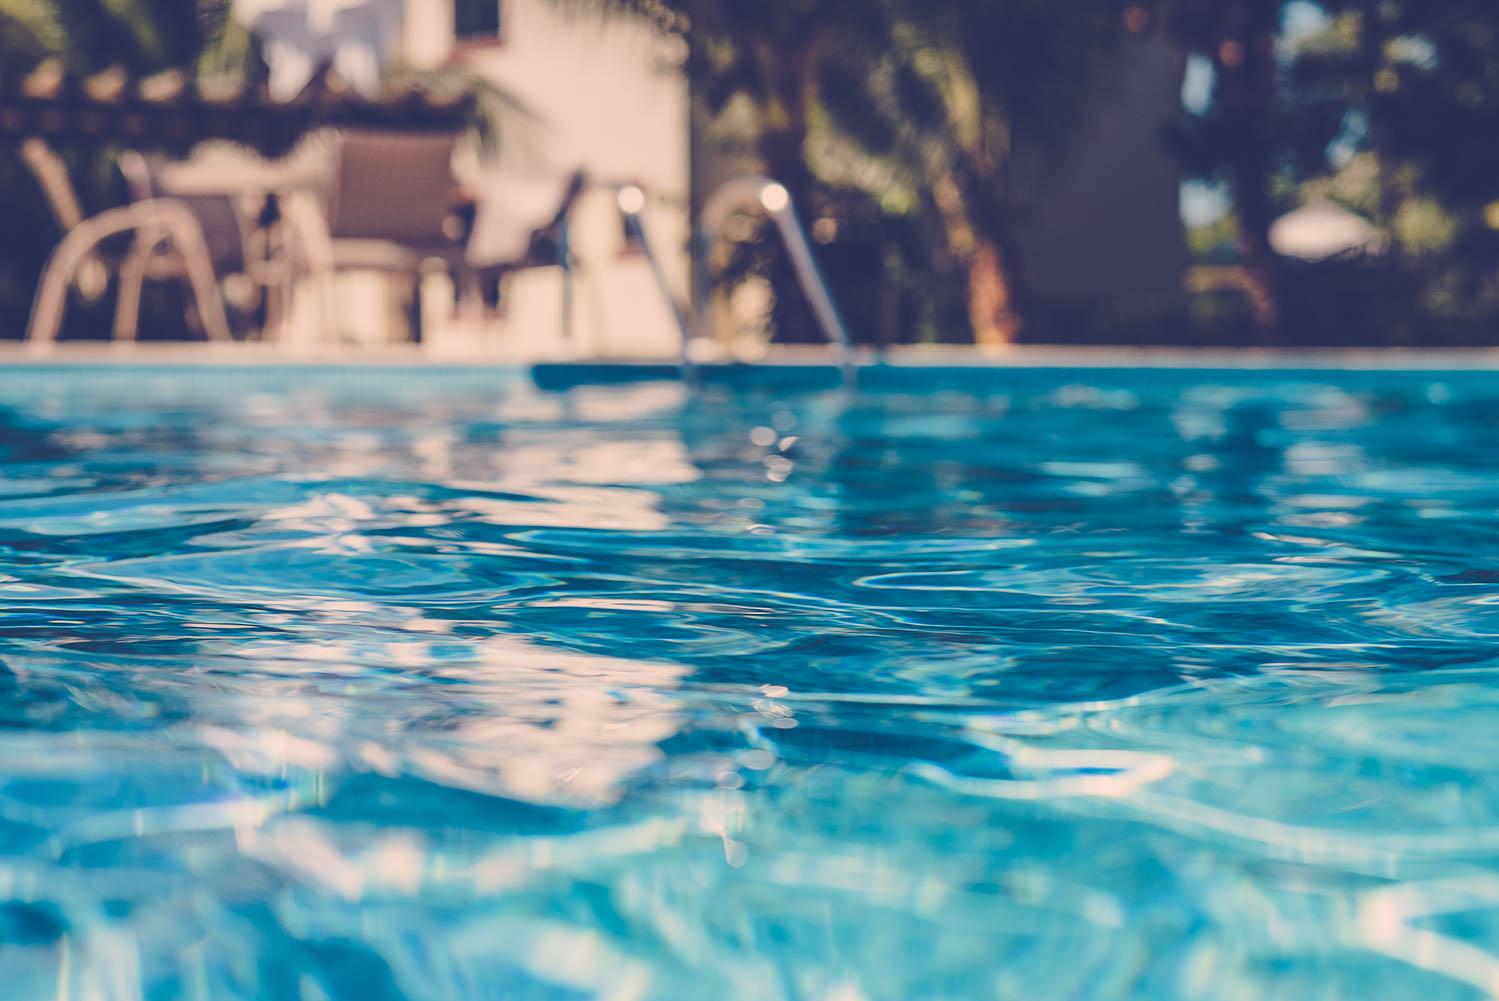 Techno Pool – La Piscine Nouvelle Génération concernant Piscine Lesquin